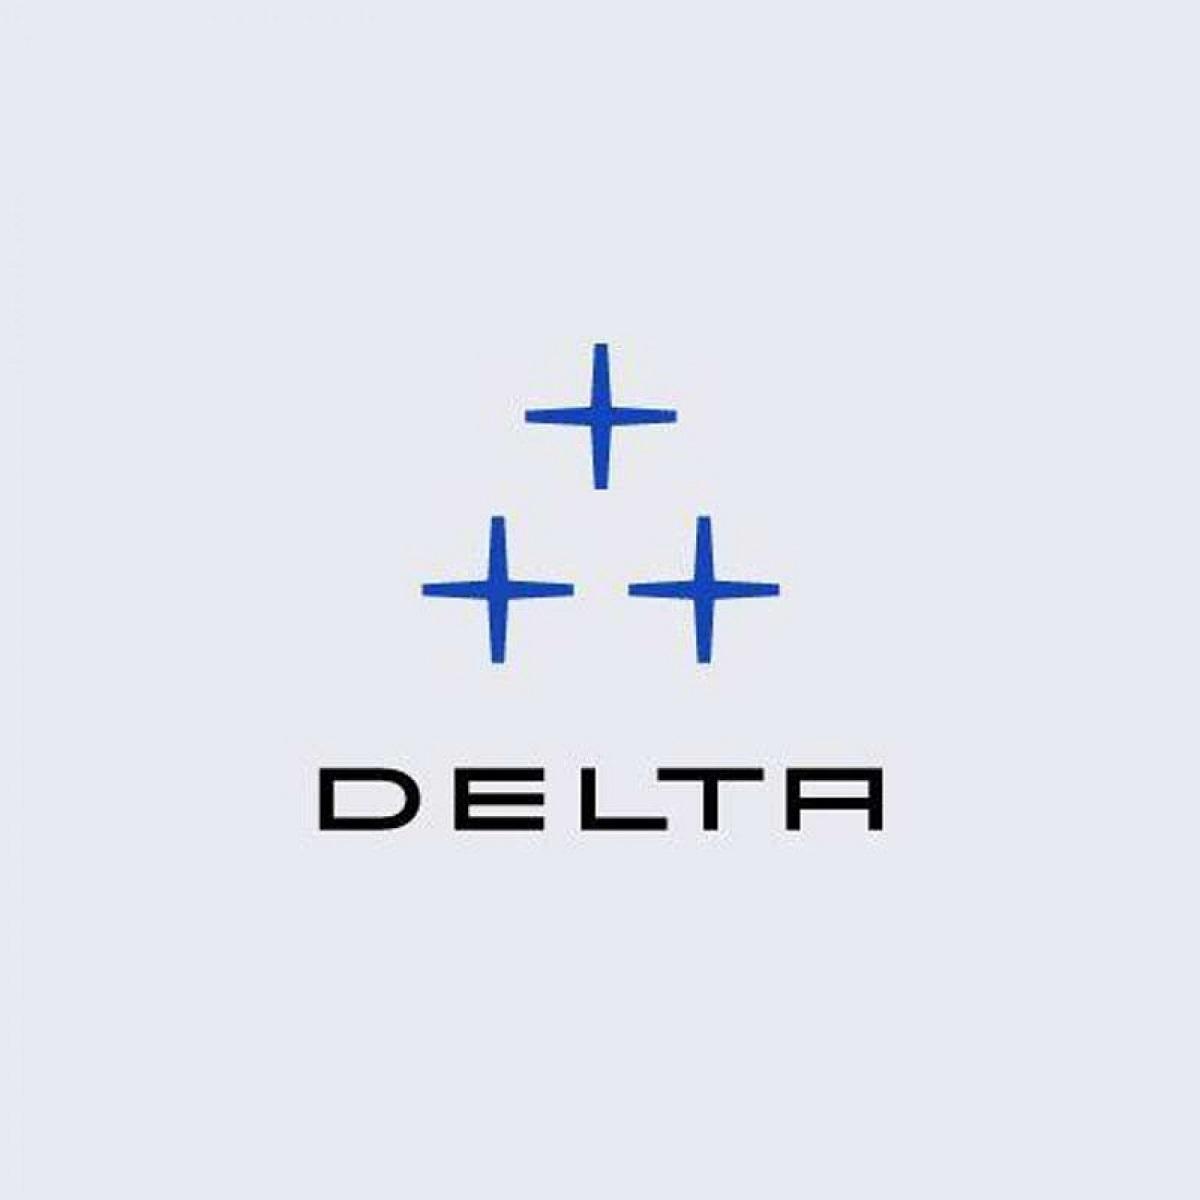 Delta Optical cambia su imagen de marca y presenta nuevo logo